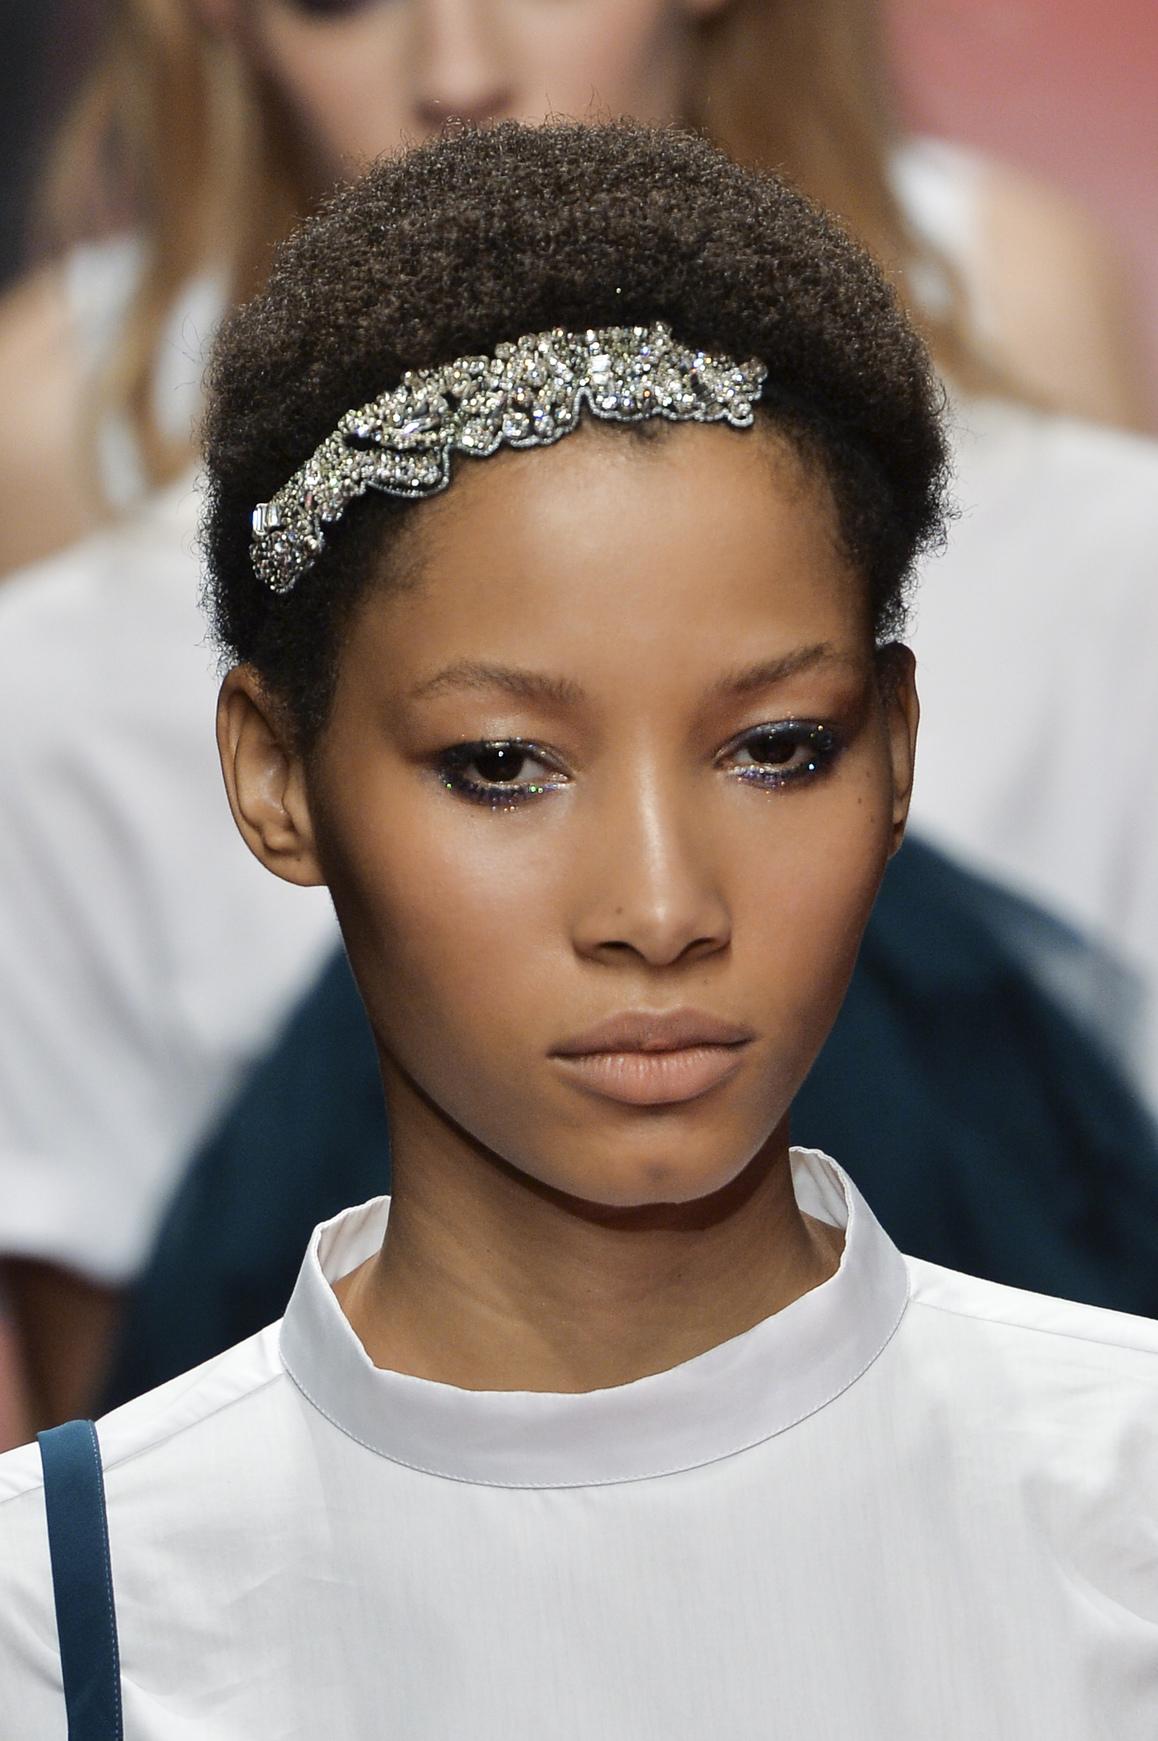 Coiffure diadème cheveux afro , Et si on osait la coiffure avec un diadème  ? , Elle